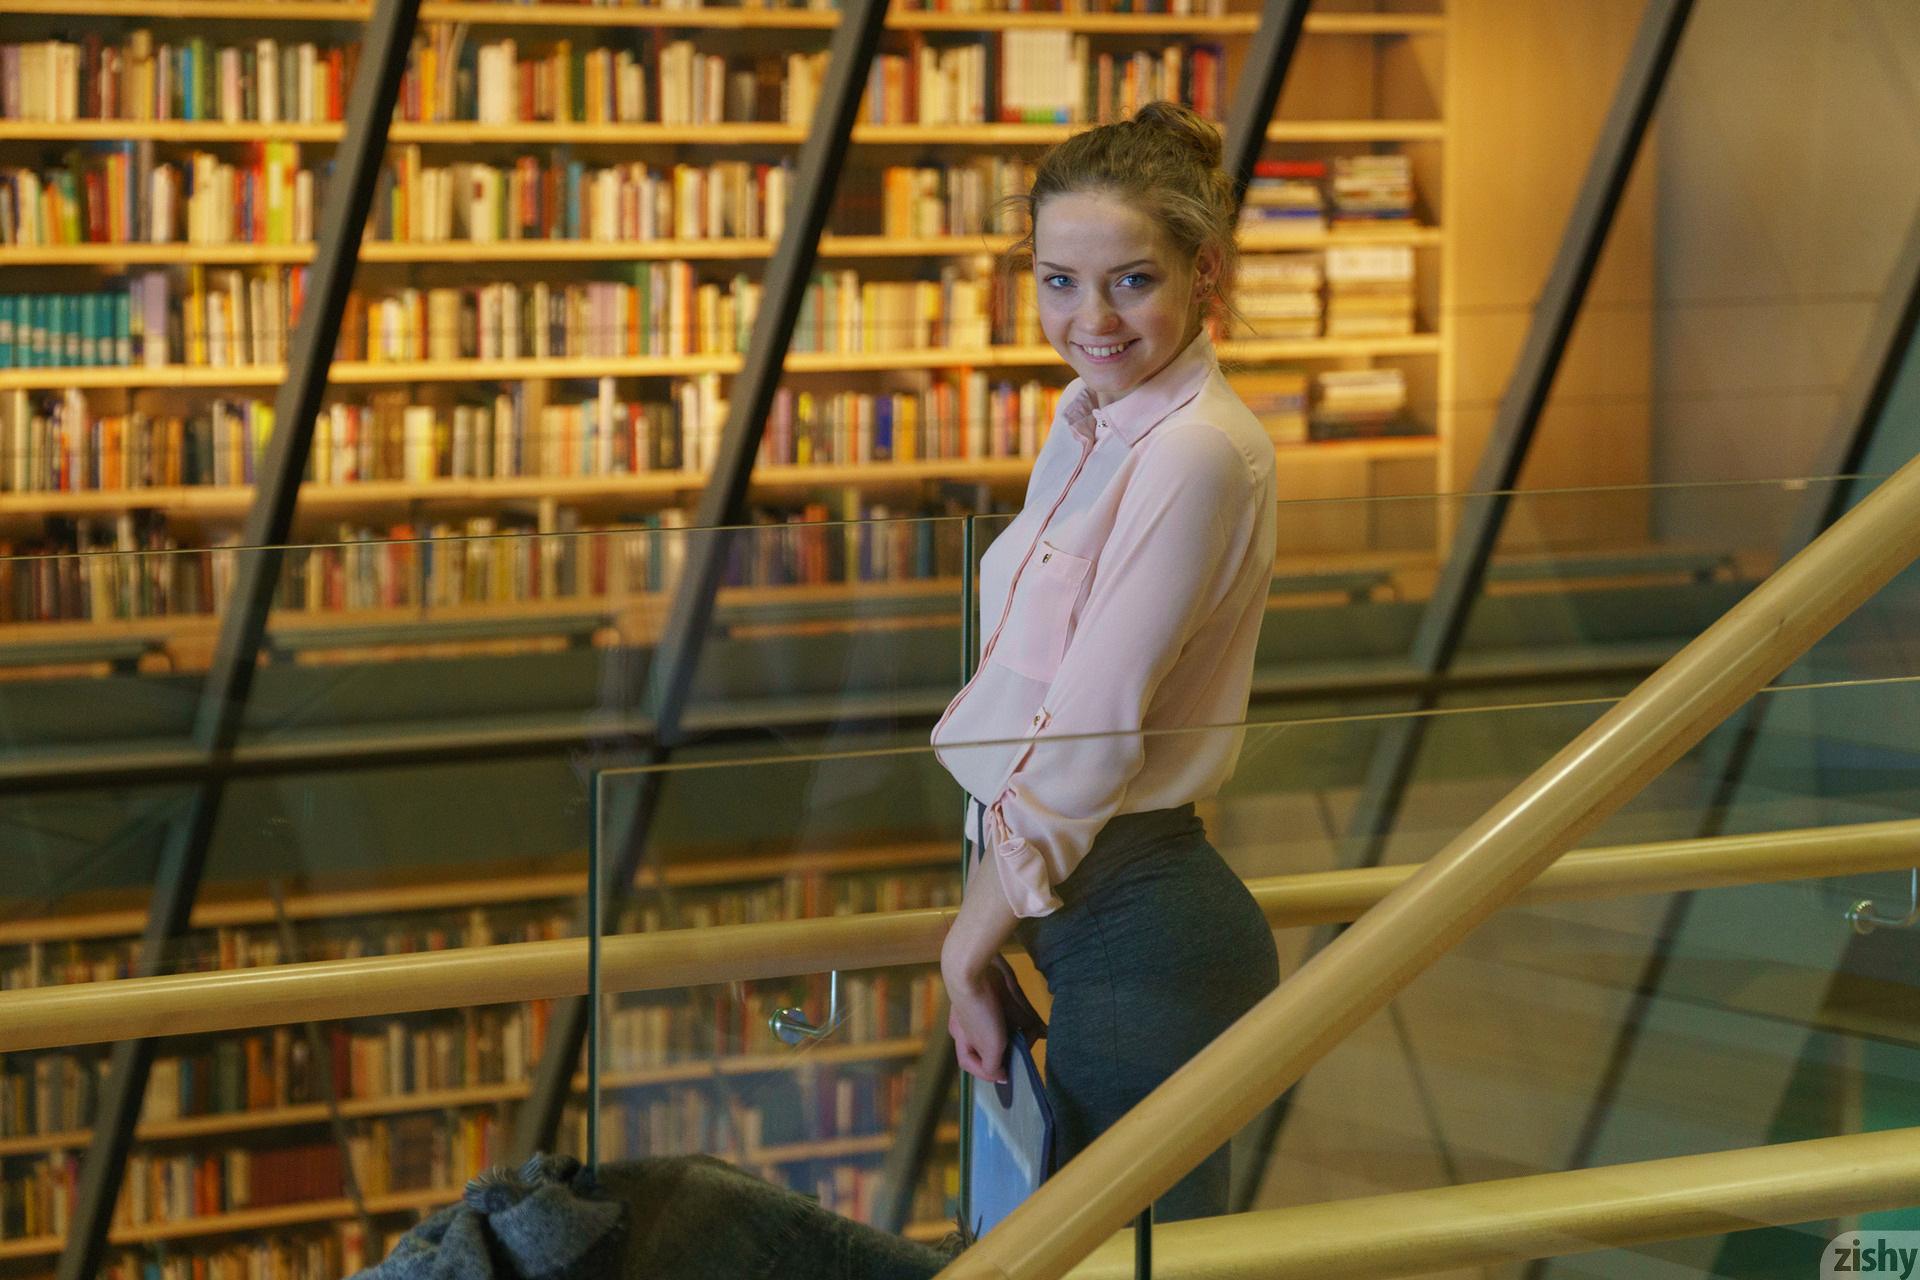 Faina Bona The National Library Zishy (20)